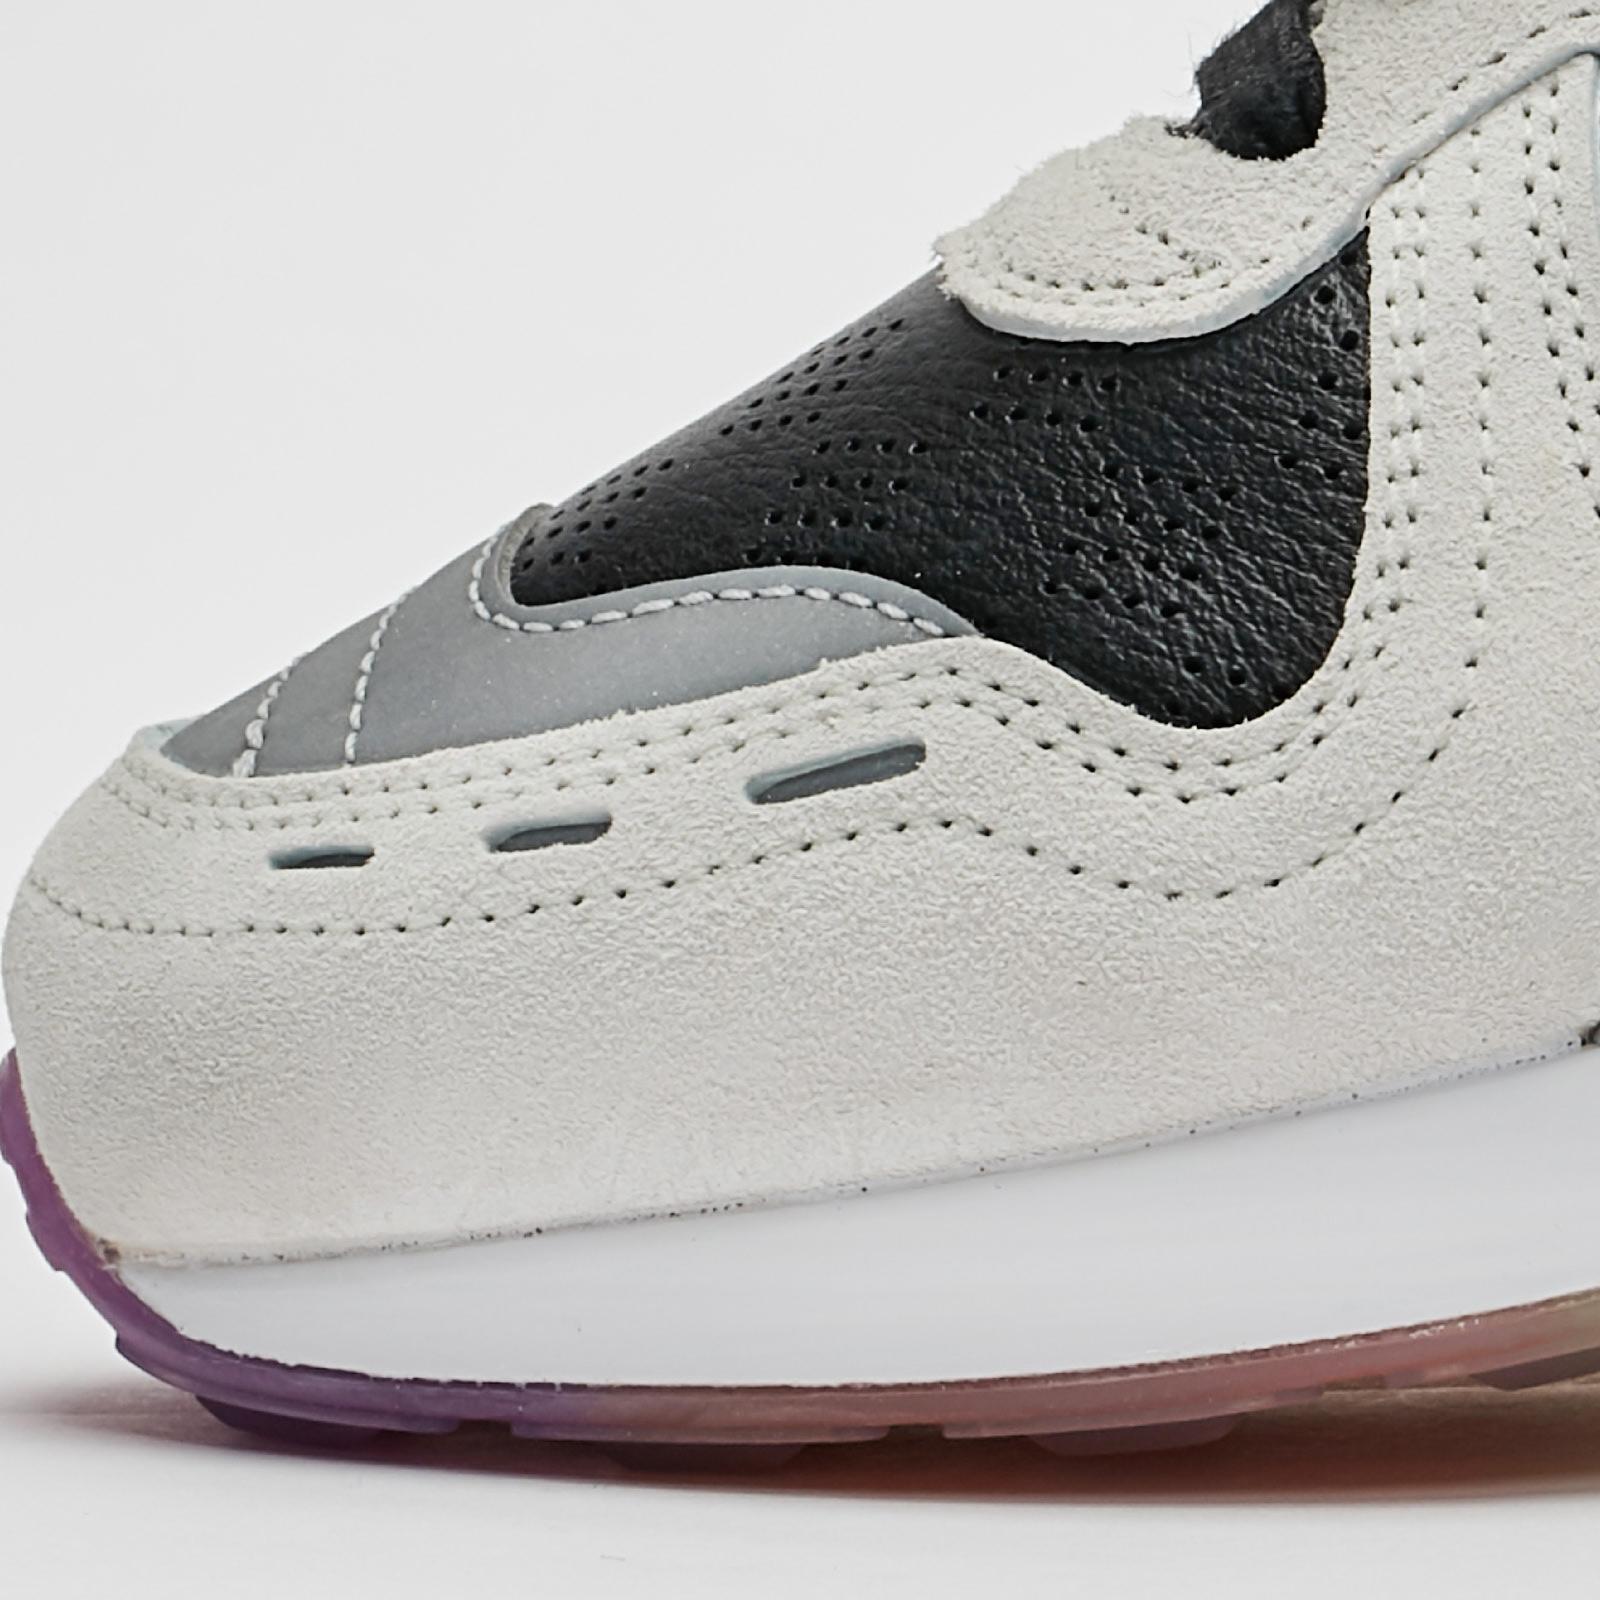 206a6689fc5 Puma RS-100 X Polaroid - 368456-01 - Sneakersnstuff